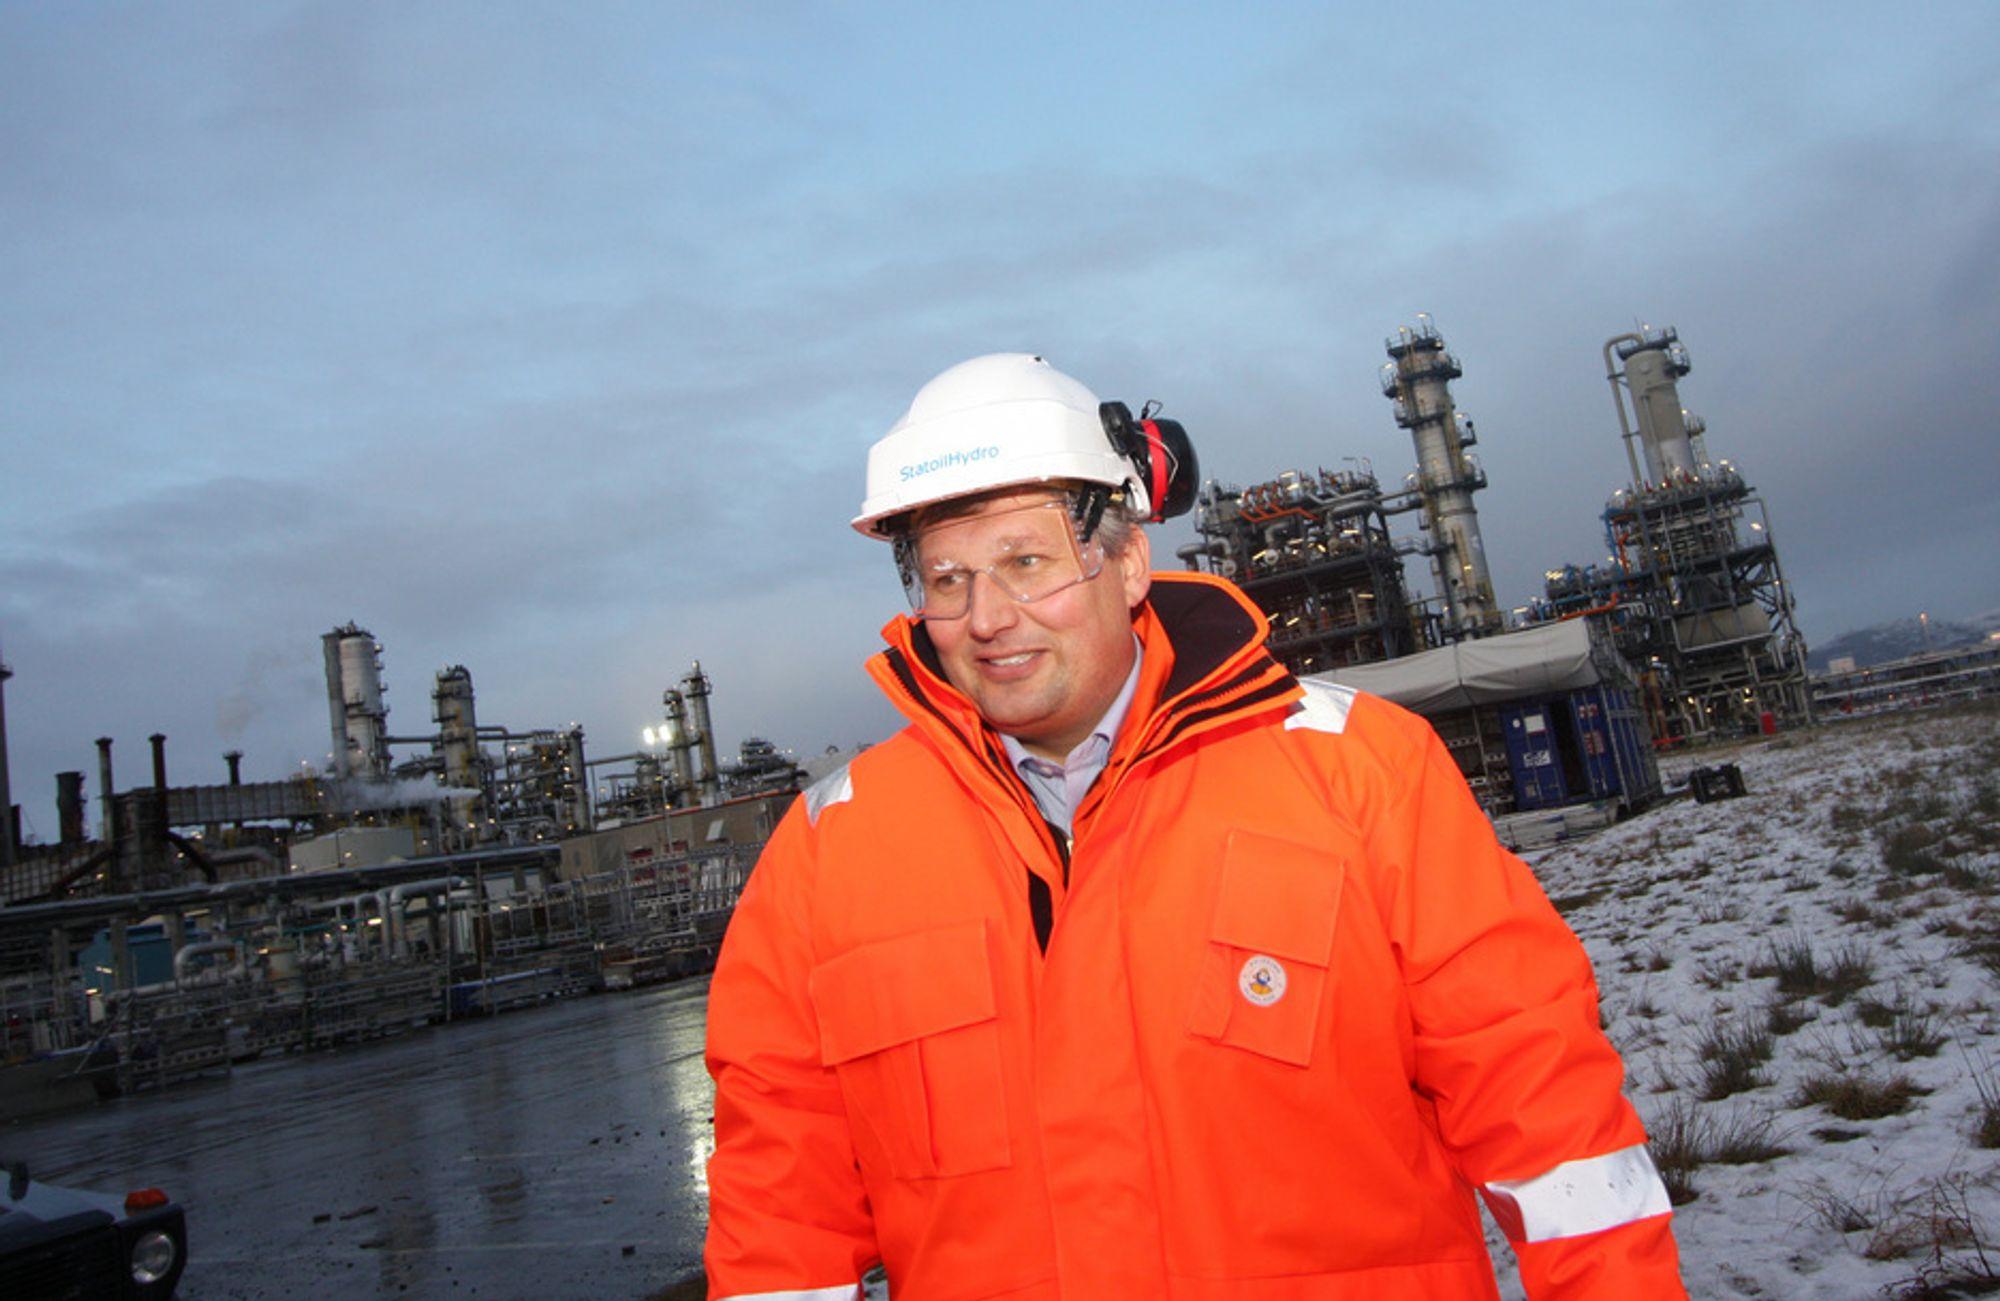 PÅ MONGSTAD: Olje- og energiminister Terje Riis-Johansen besøker Mongstad. Nå kan prestisjeprosjektet bli utsatt igjen, på grunn av økt kreftfare ved bruk av aminteknologi. Skal en annen teknologi brukes i stedet, kan det føre til forsinkelser. Hvor lenge kan ikke departementet si nå.